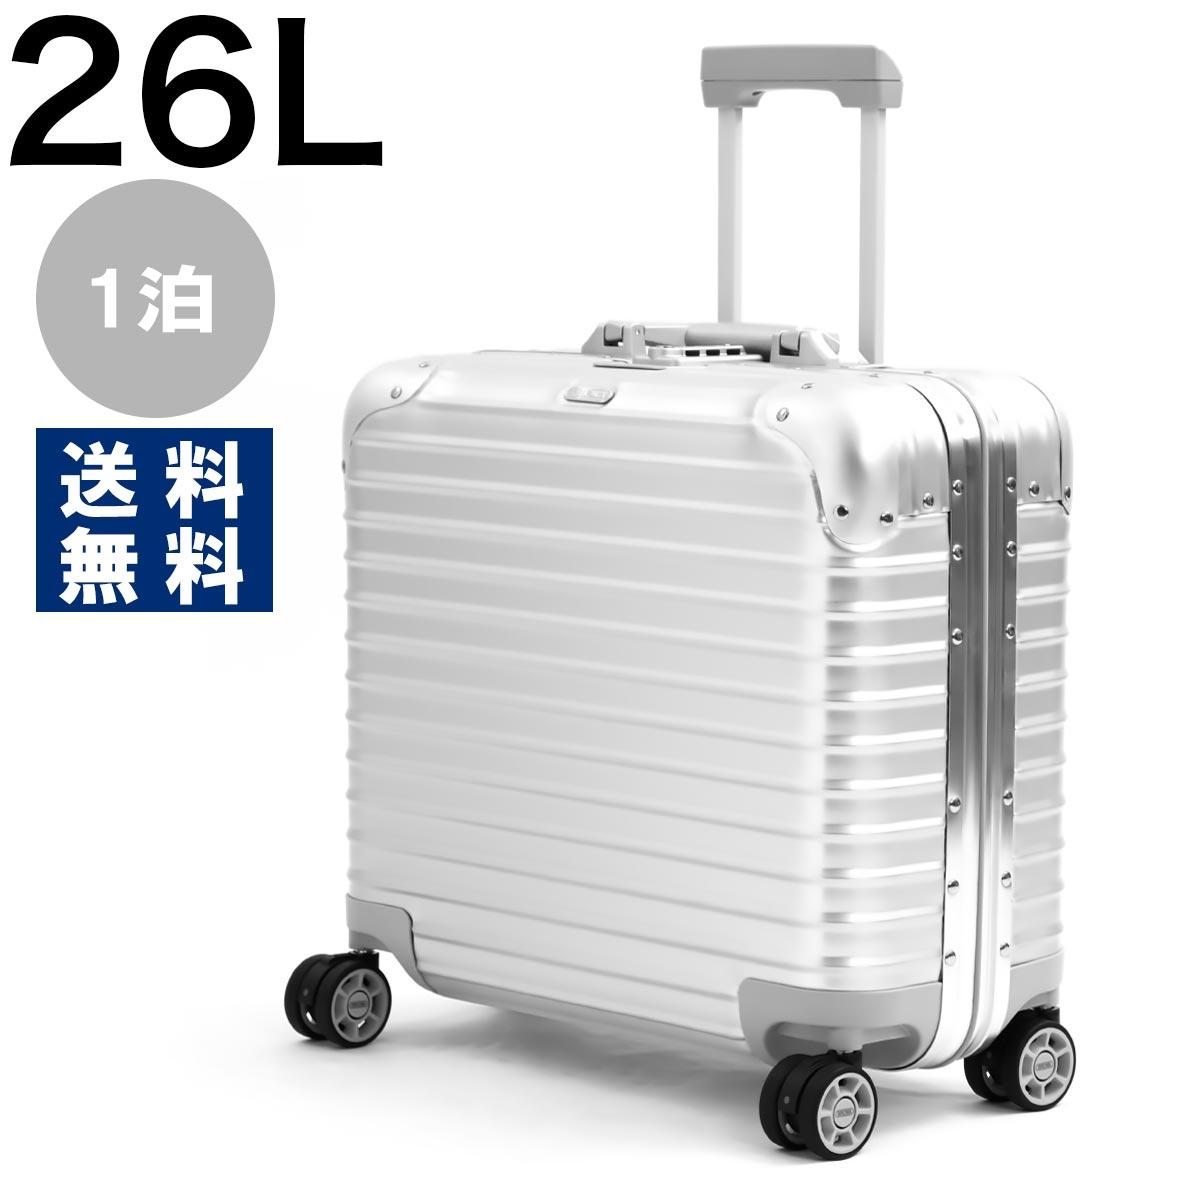 リモワ スーツケース/旅行用バッグ バッグ メンズ レディース トパーズ 26L 1泊 シルバー 923.40.00.4 RIMOWA